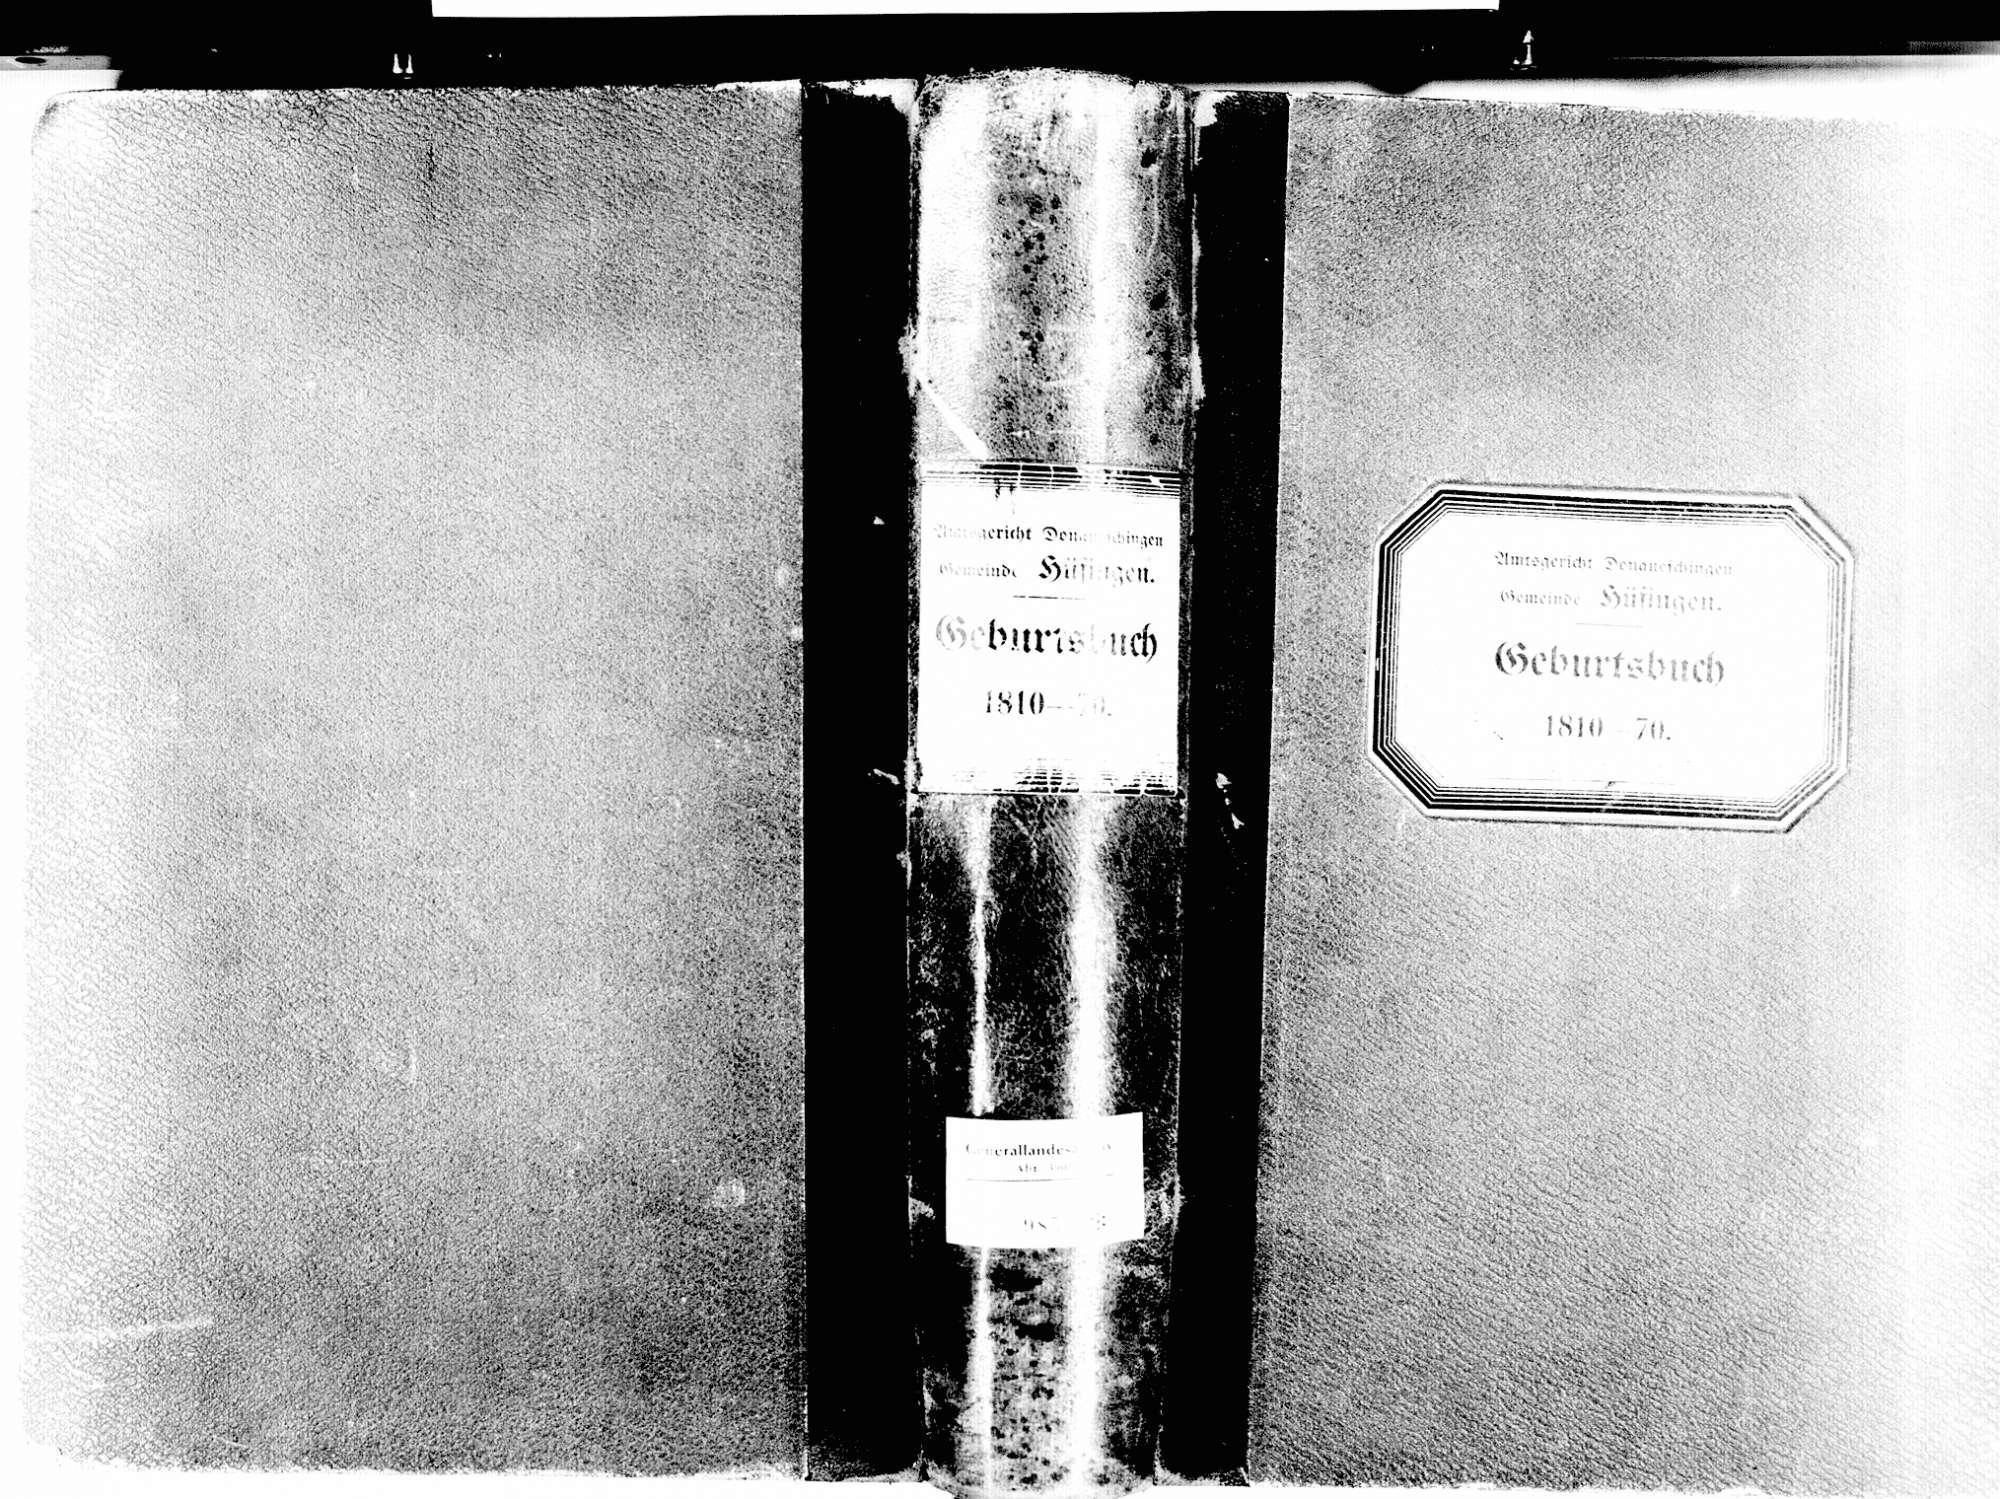 Hüfingen VS; Katholische Gemeinde: Geburtenbuch 1810-1870, Bild 2